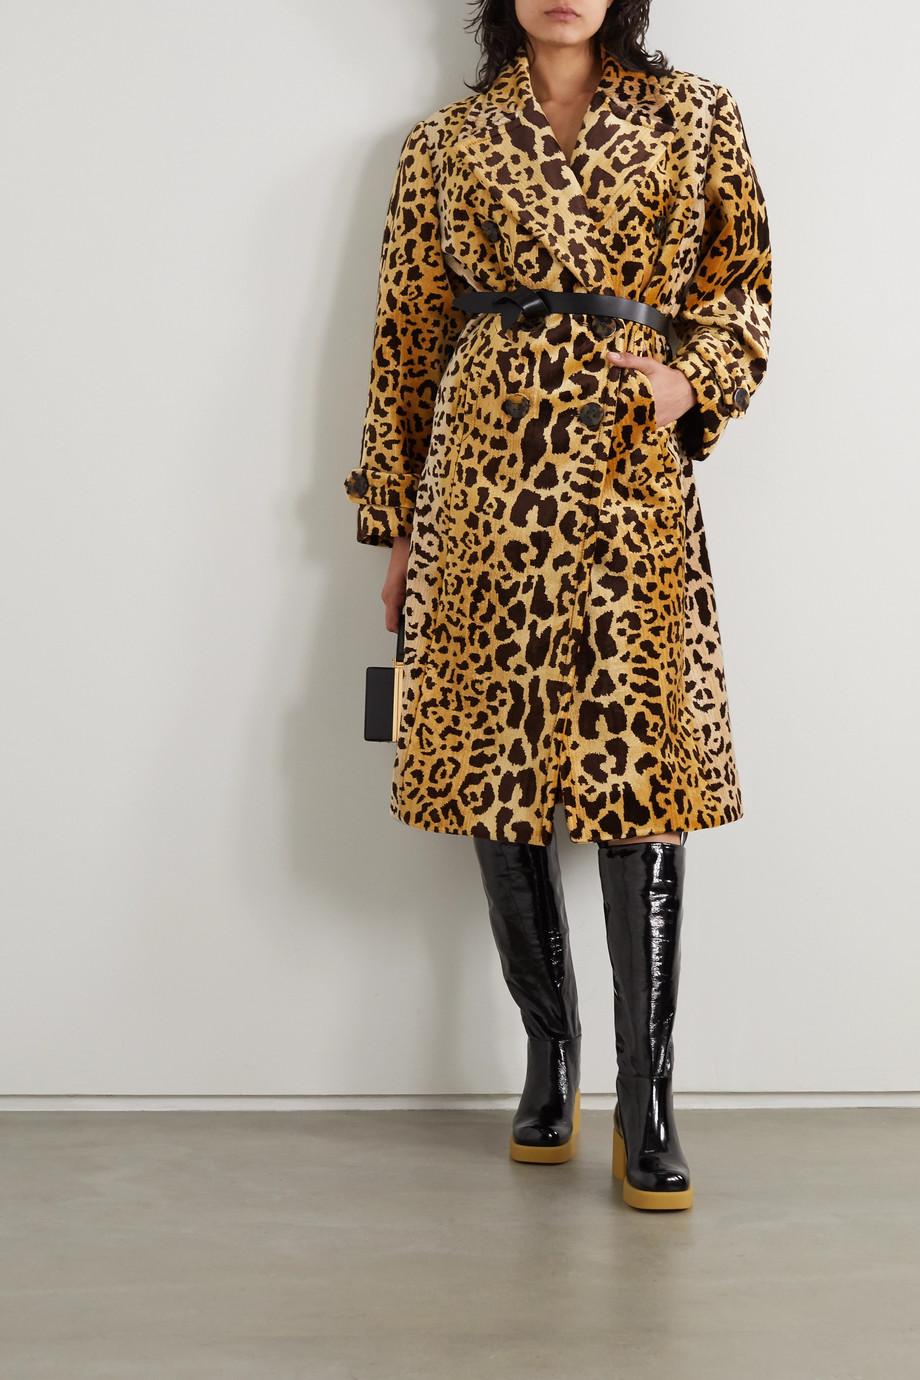 Miu Miu Manteau à double boutonnage en velours à imprimé léopard